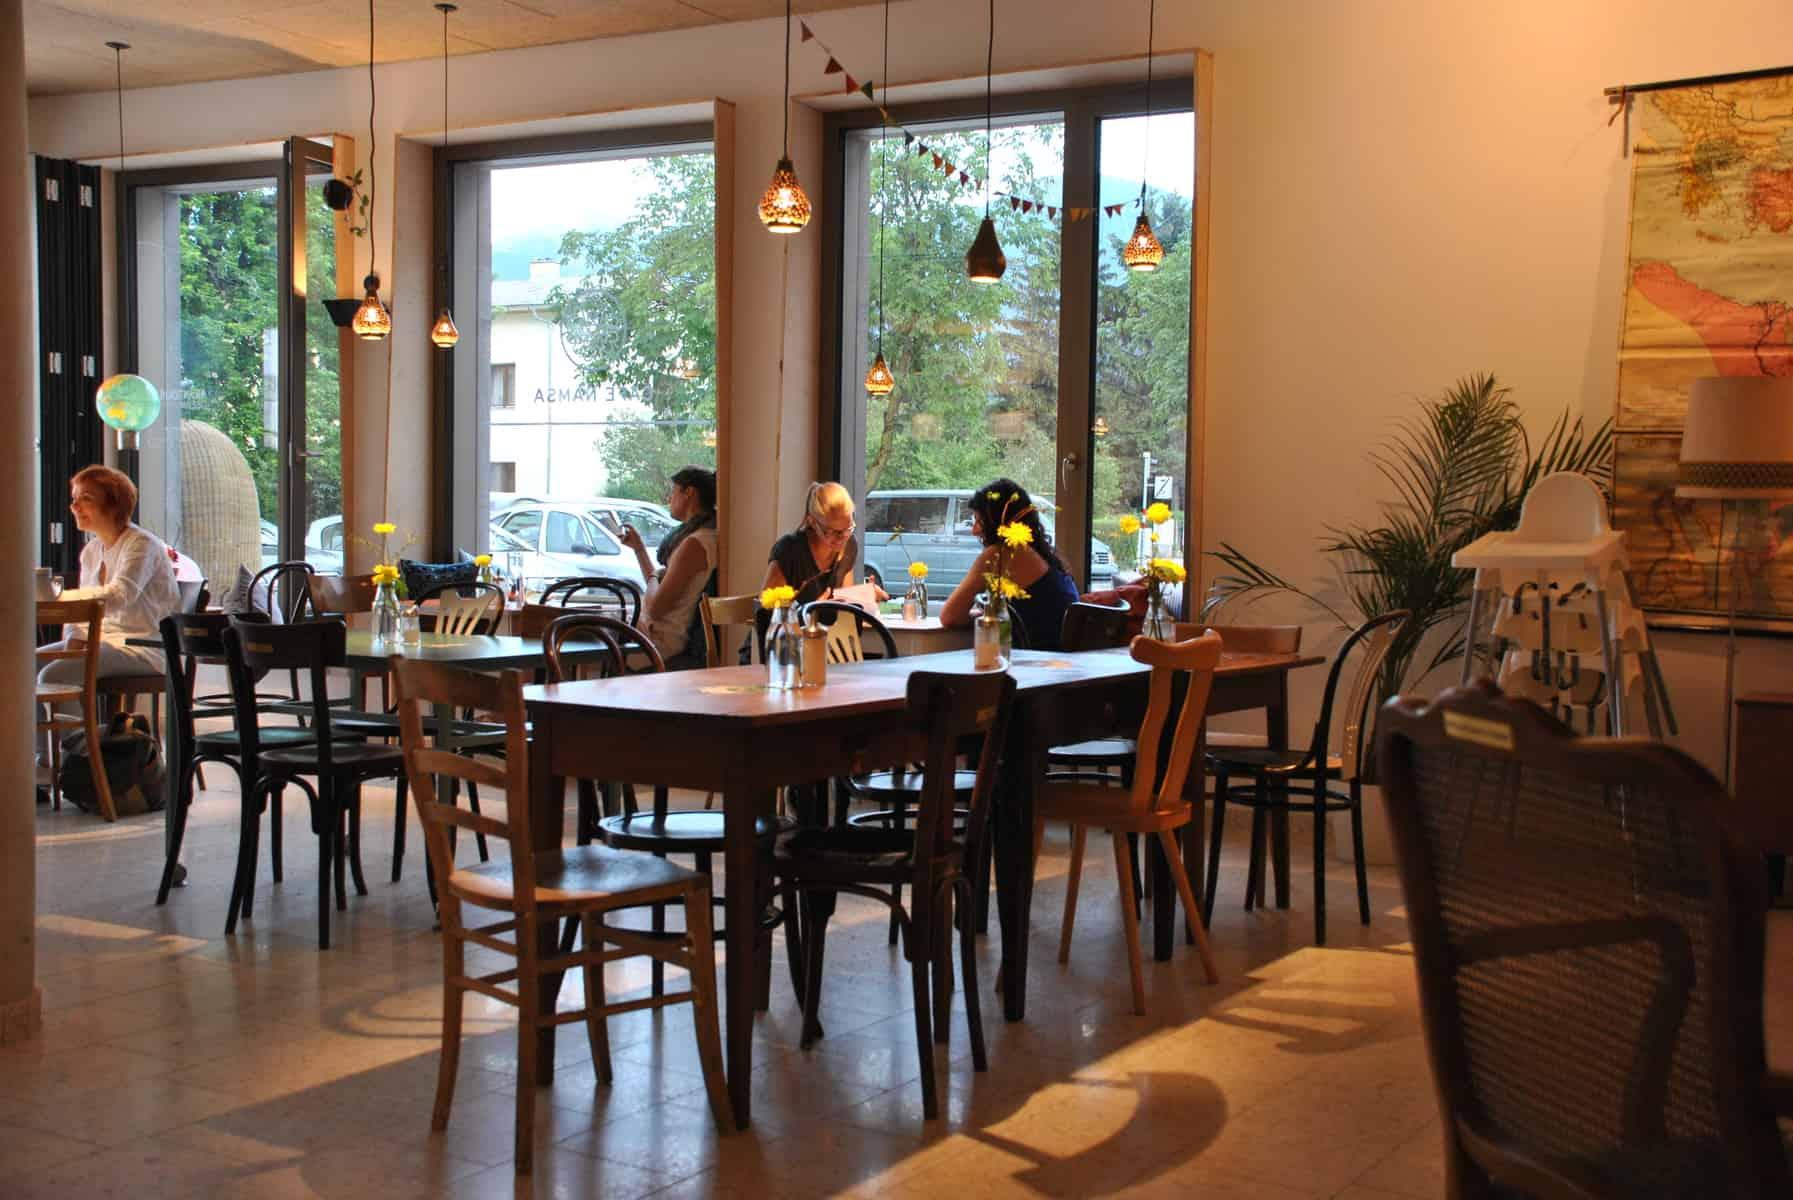 Erstaunliche Ecken in der Höttinger Au - Ein Stadtteilspaziergang zu Orten des Zusammenlebens 3